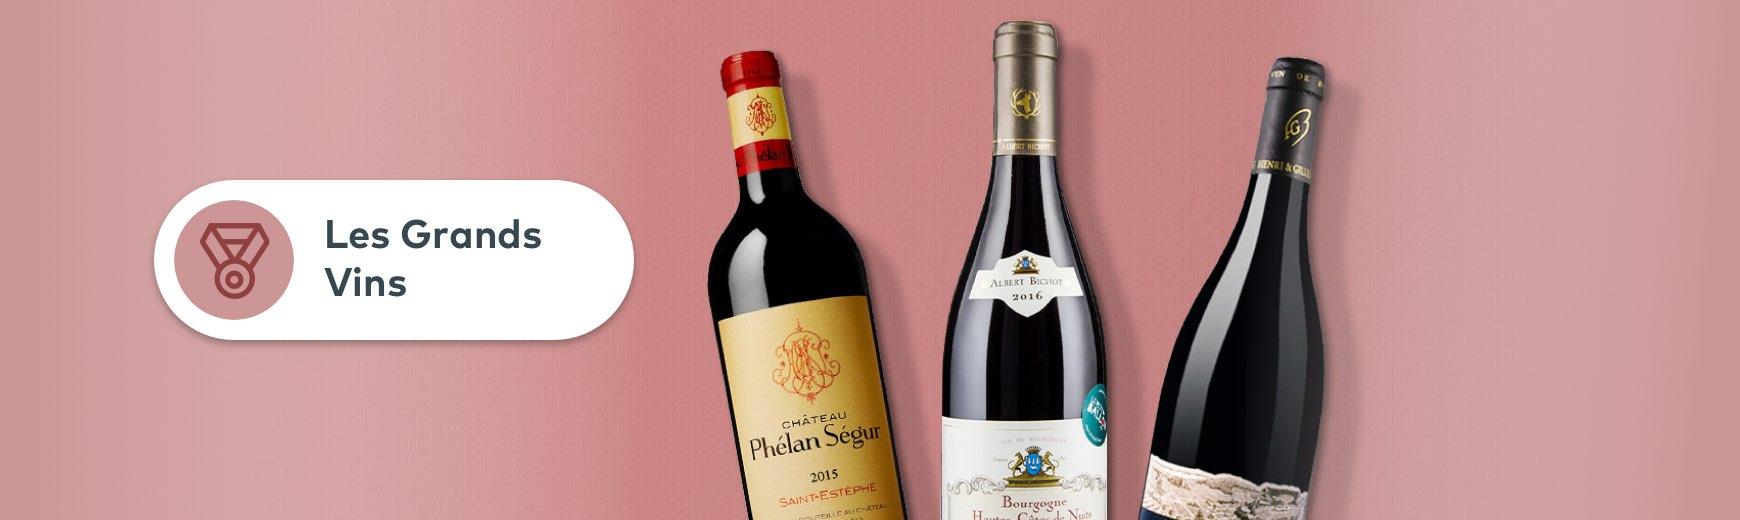 Les grands vins